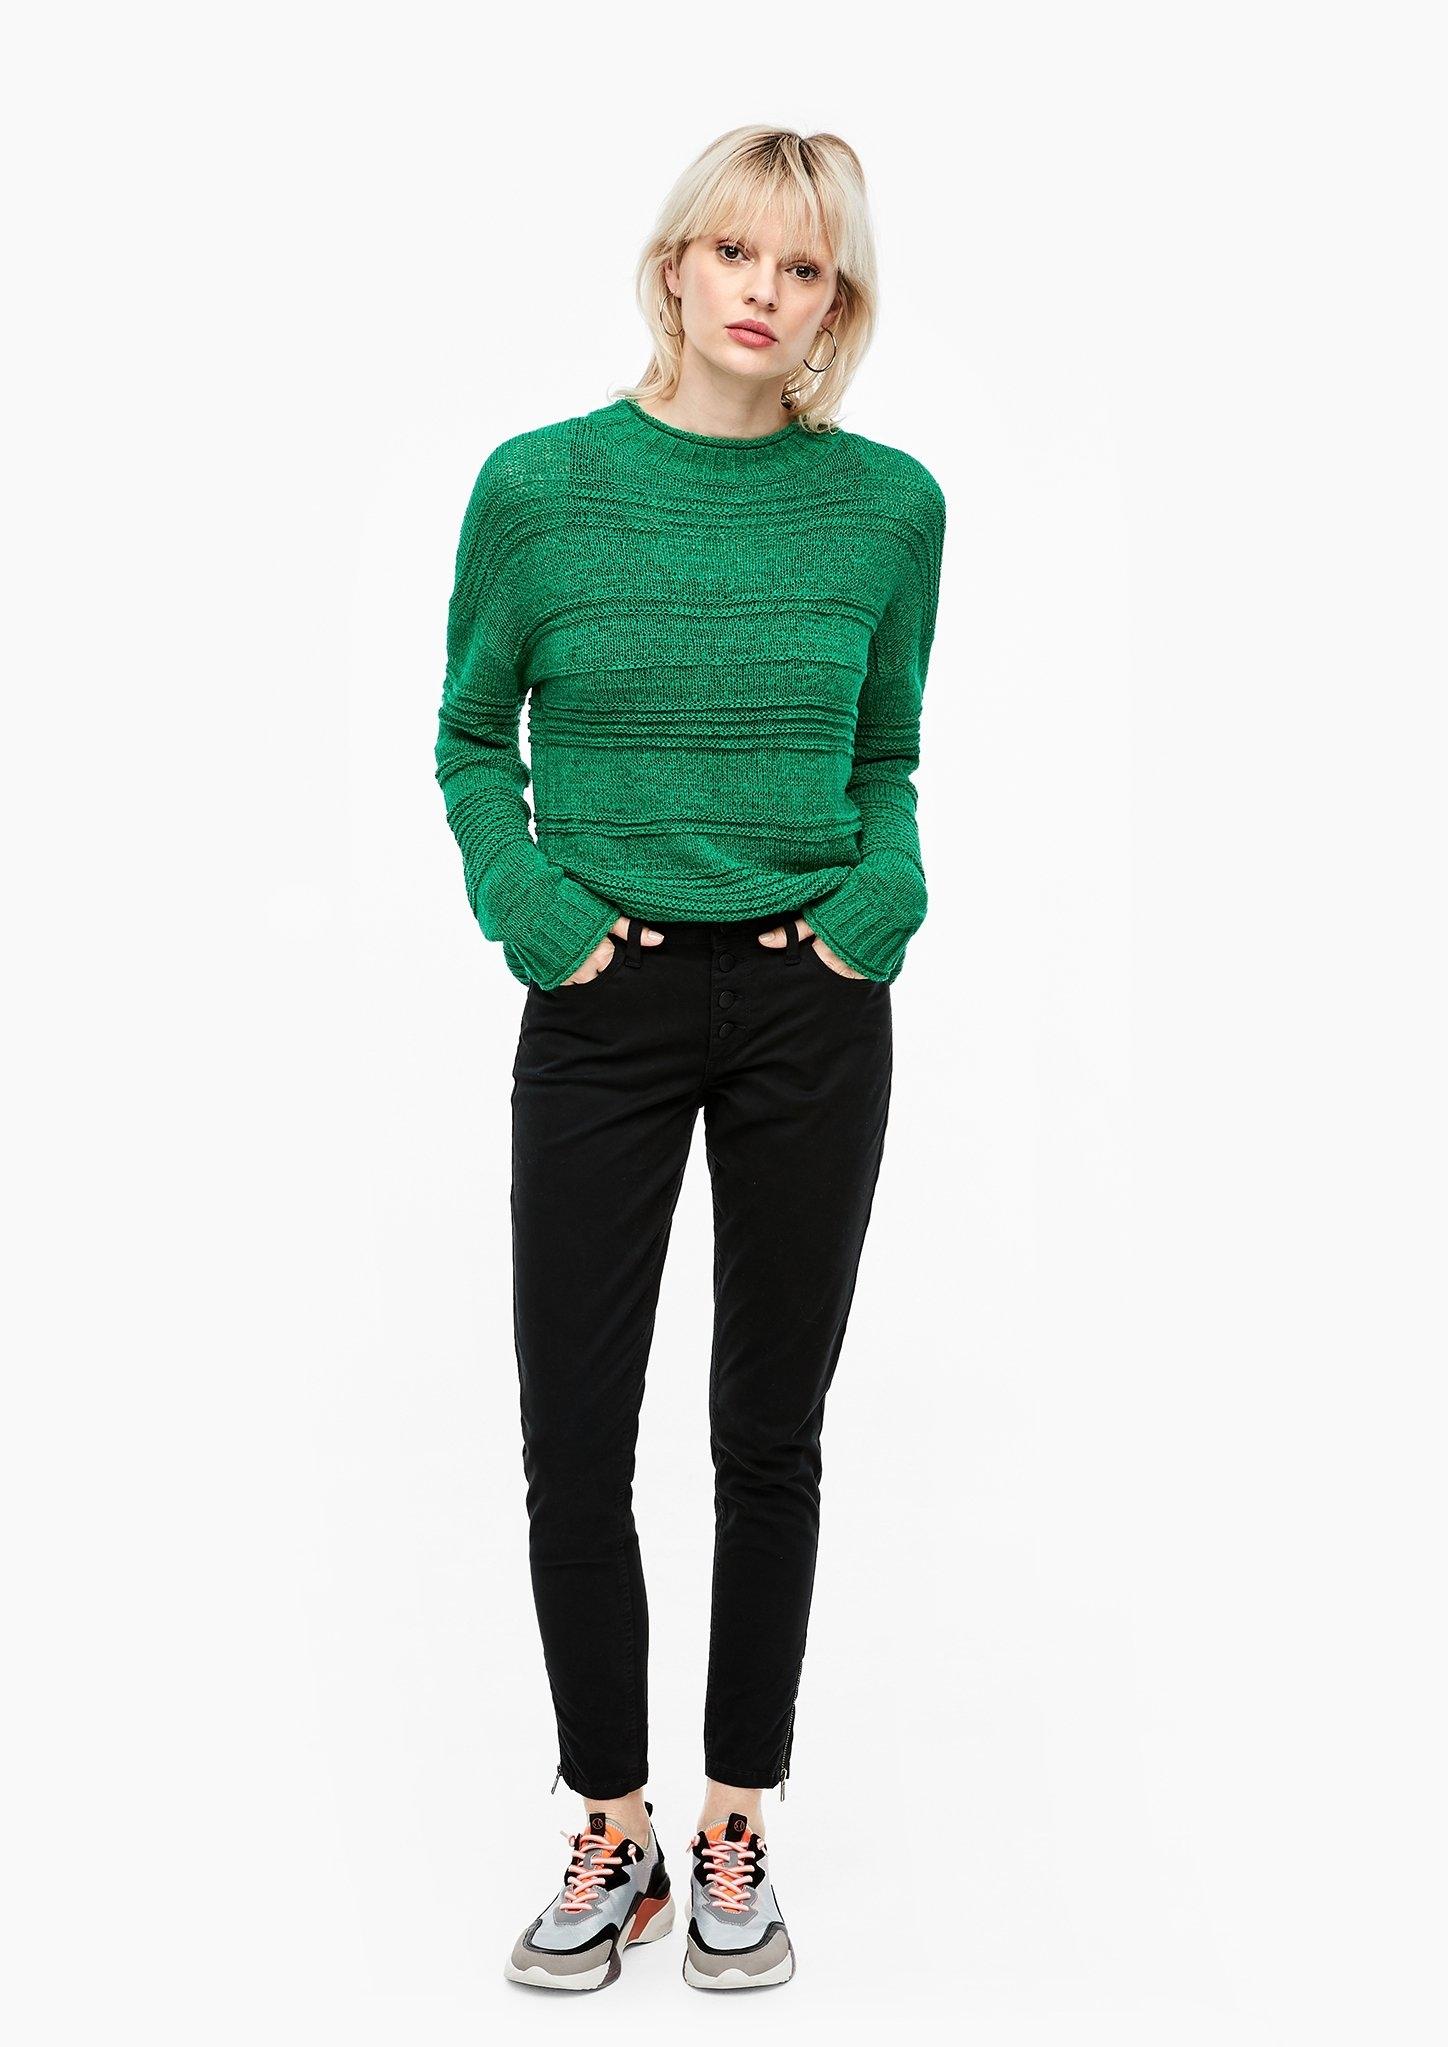 Q/s Designed By Fijngebreide trui met vleermuismouwen voordelig en veilig online kopen